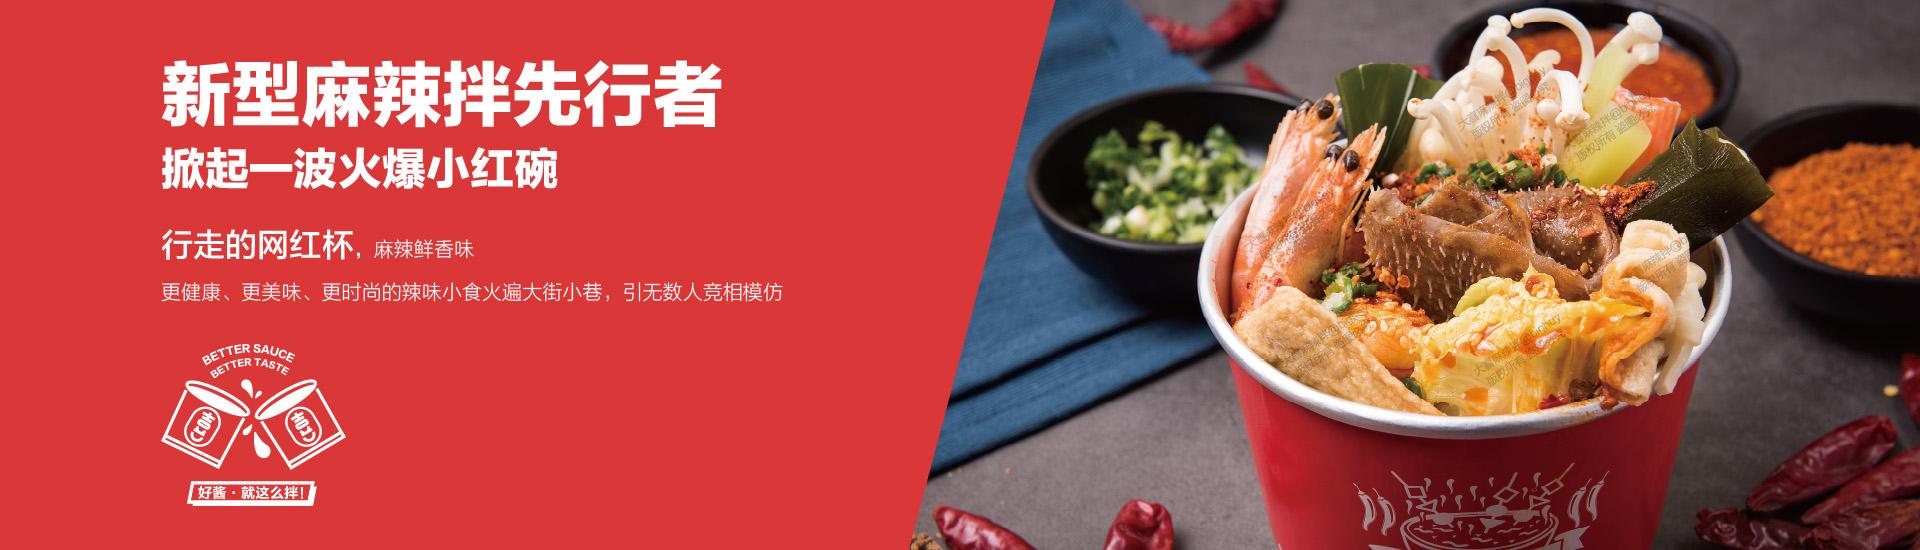 大喜麻辣拌官方网站